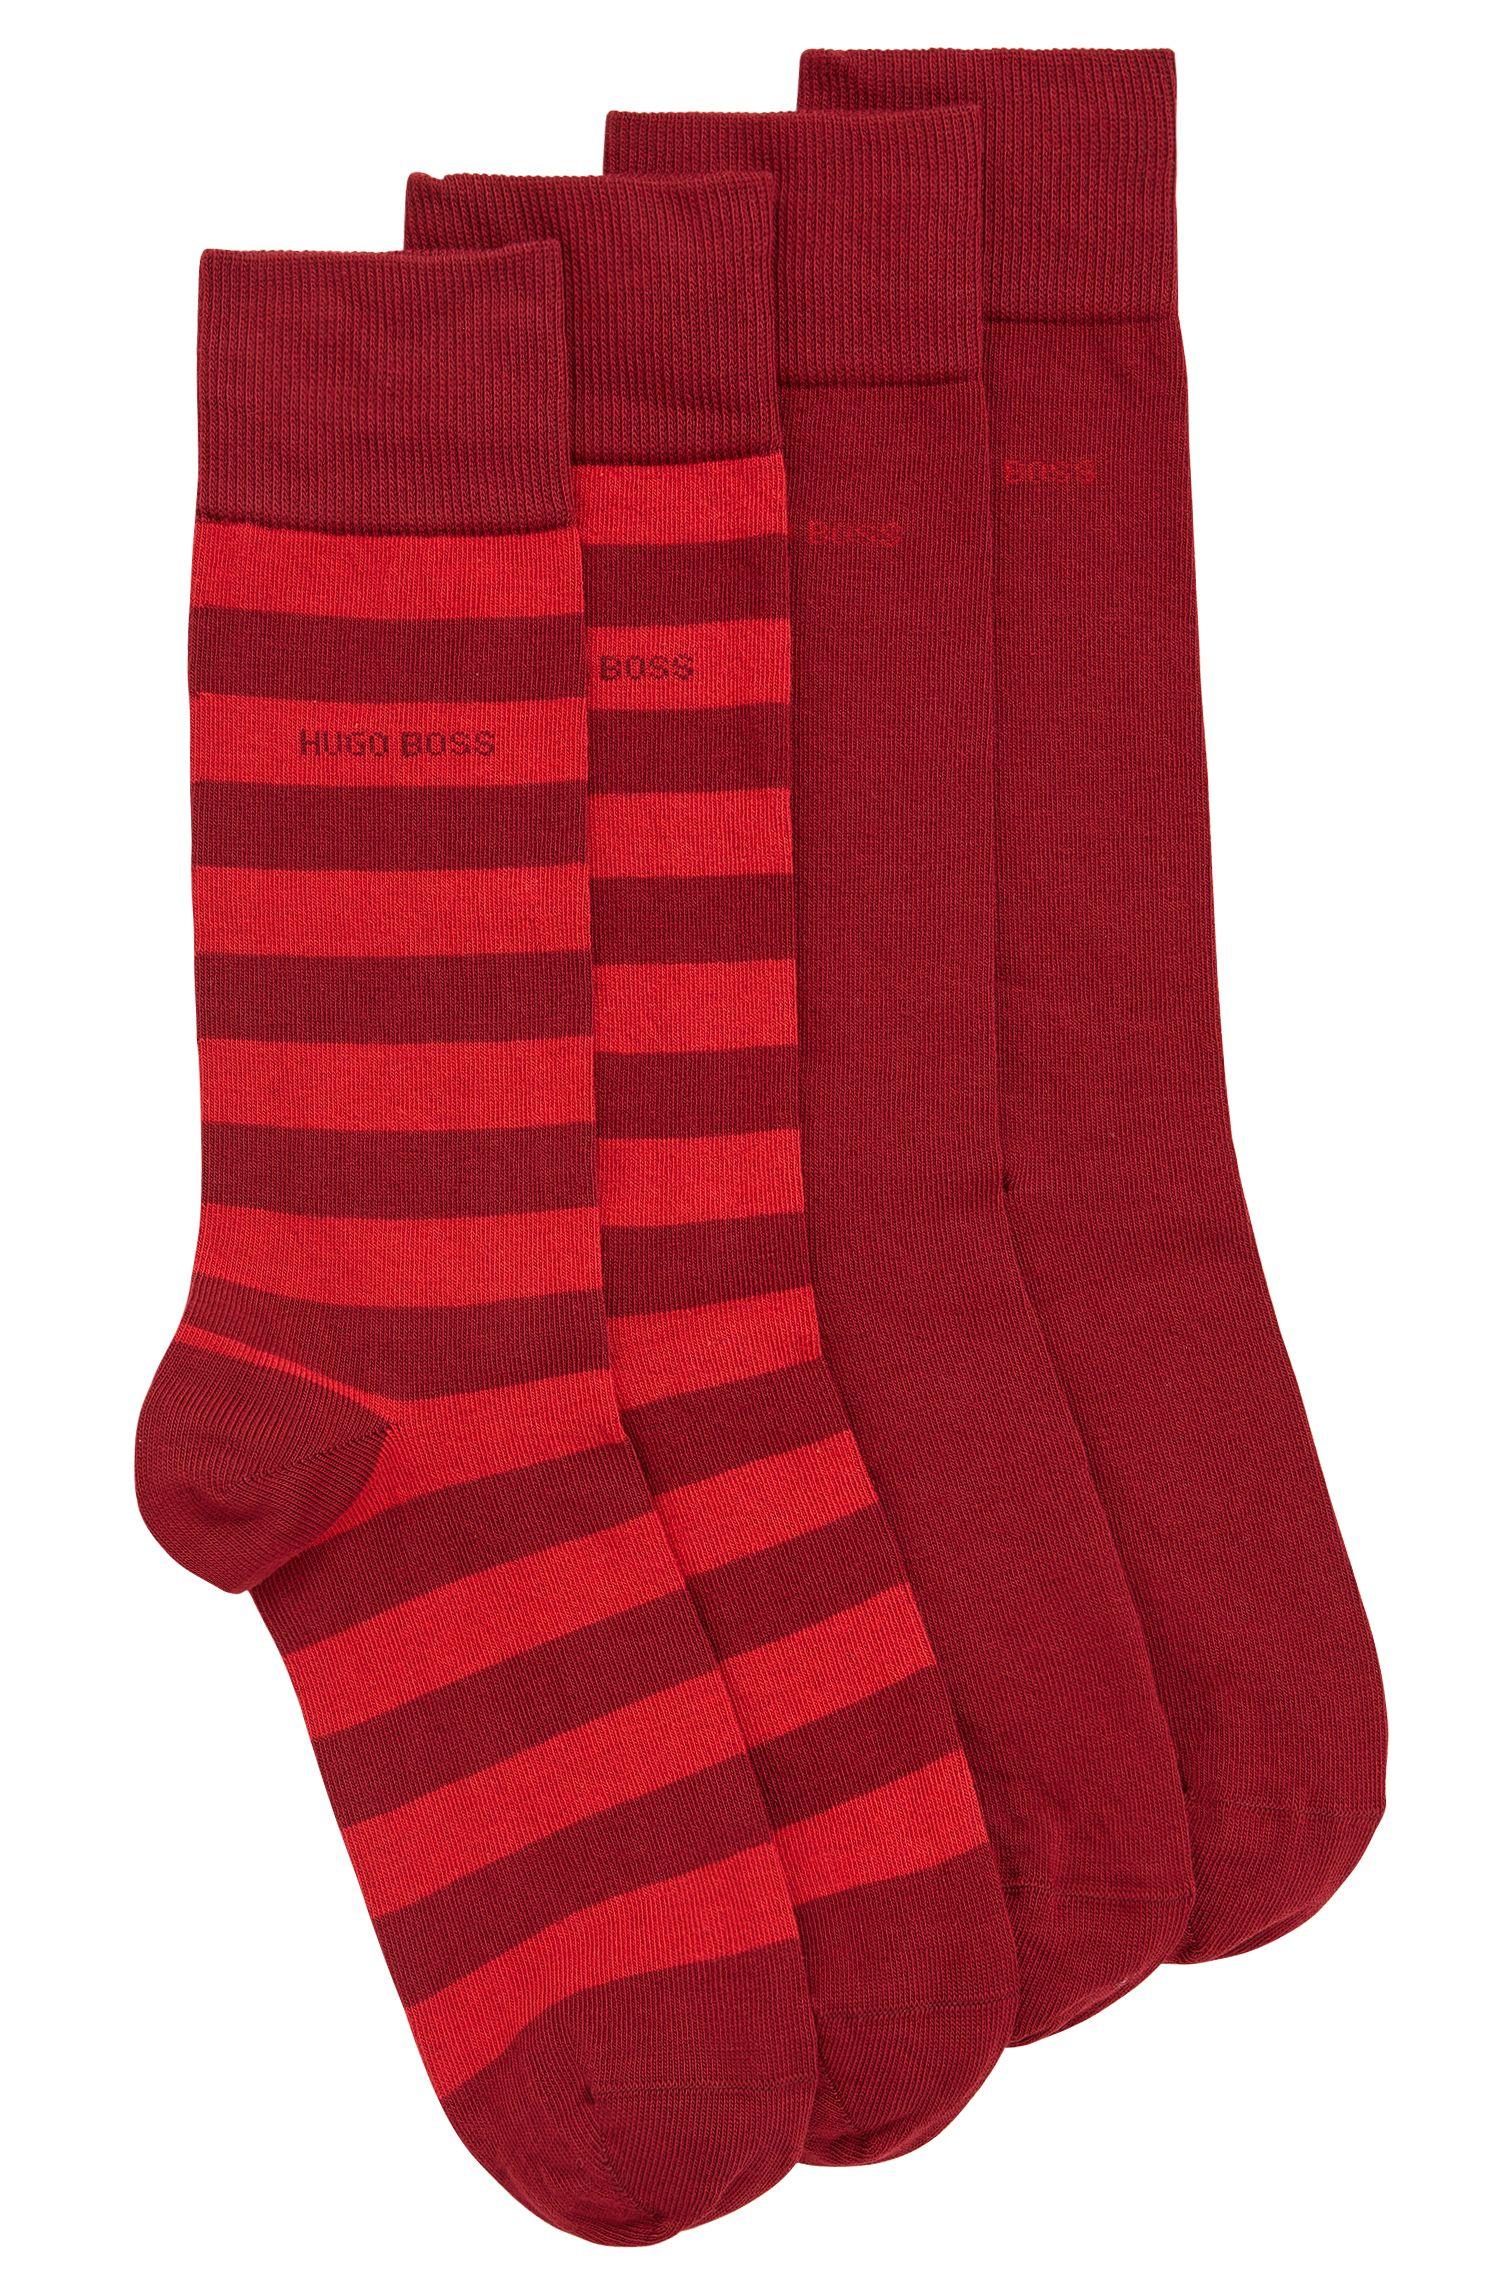 Chaussettes mi-hautes en coton mélangé peigné, en lot de deux